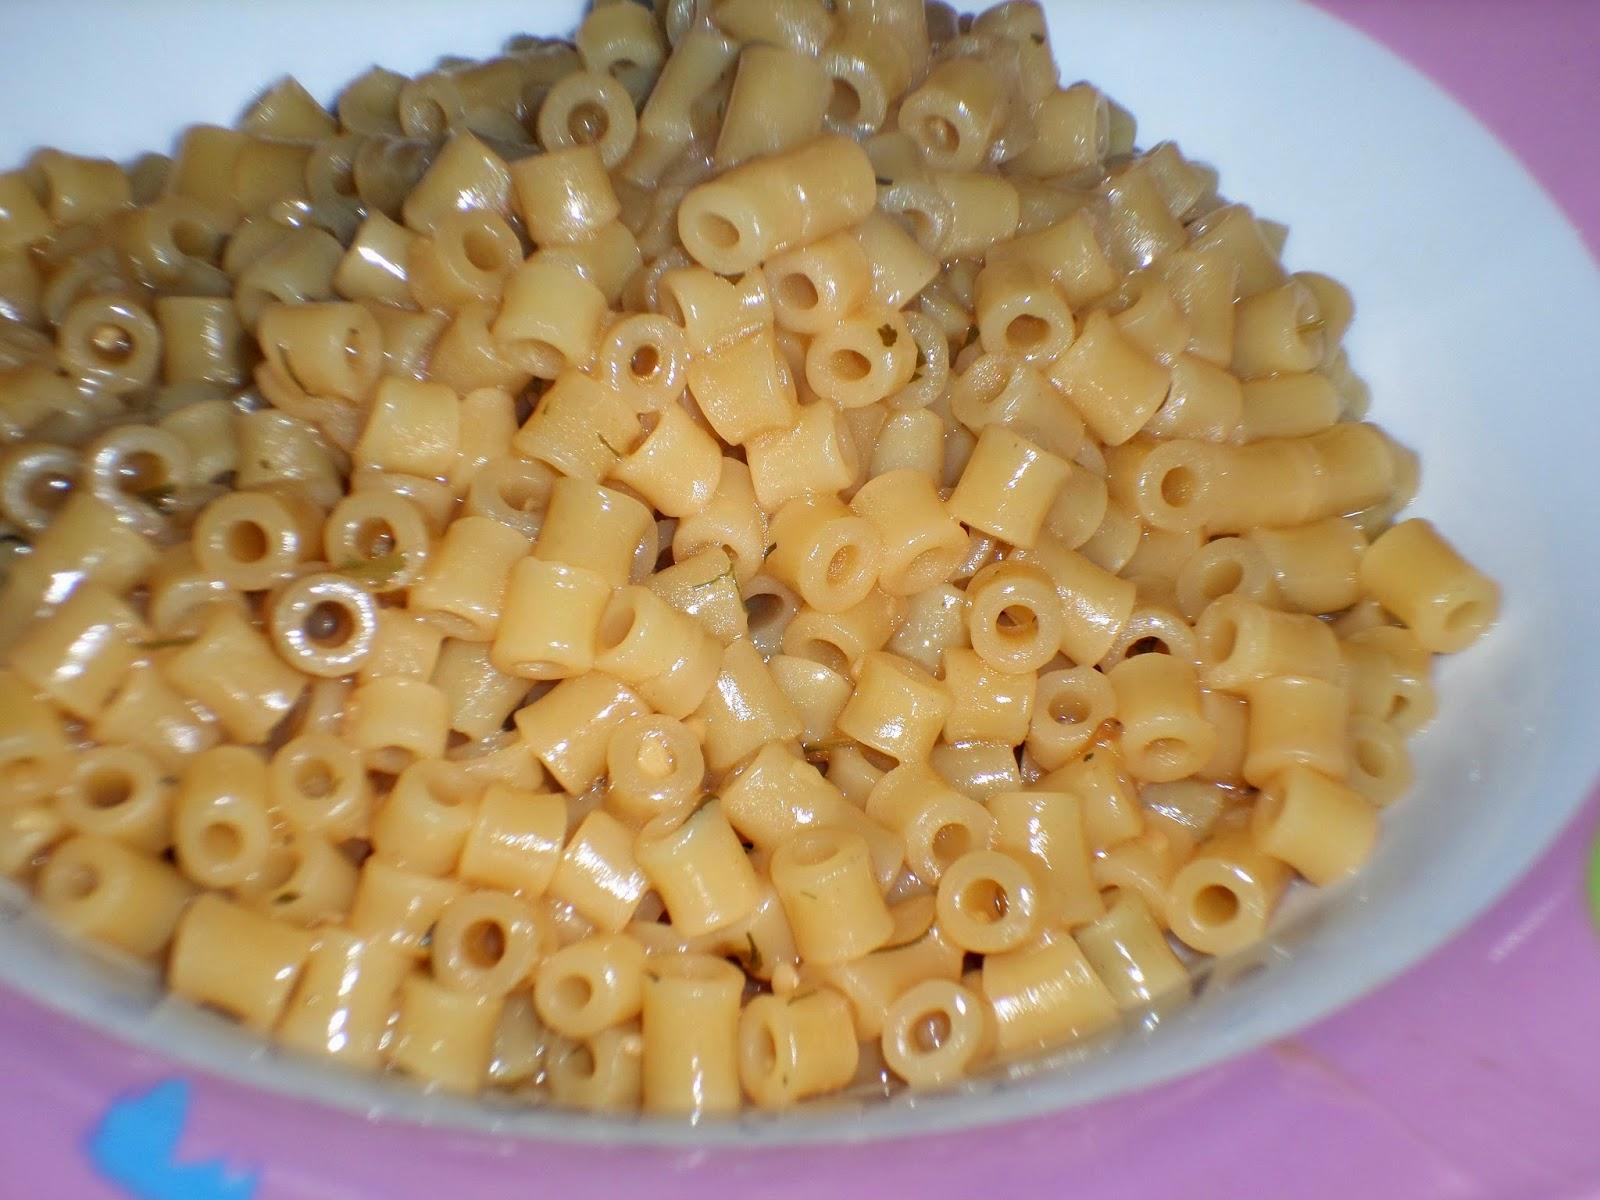 receita de macarrão oriental